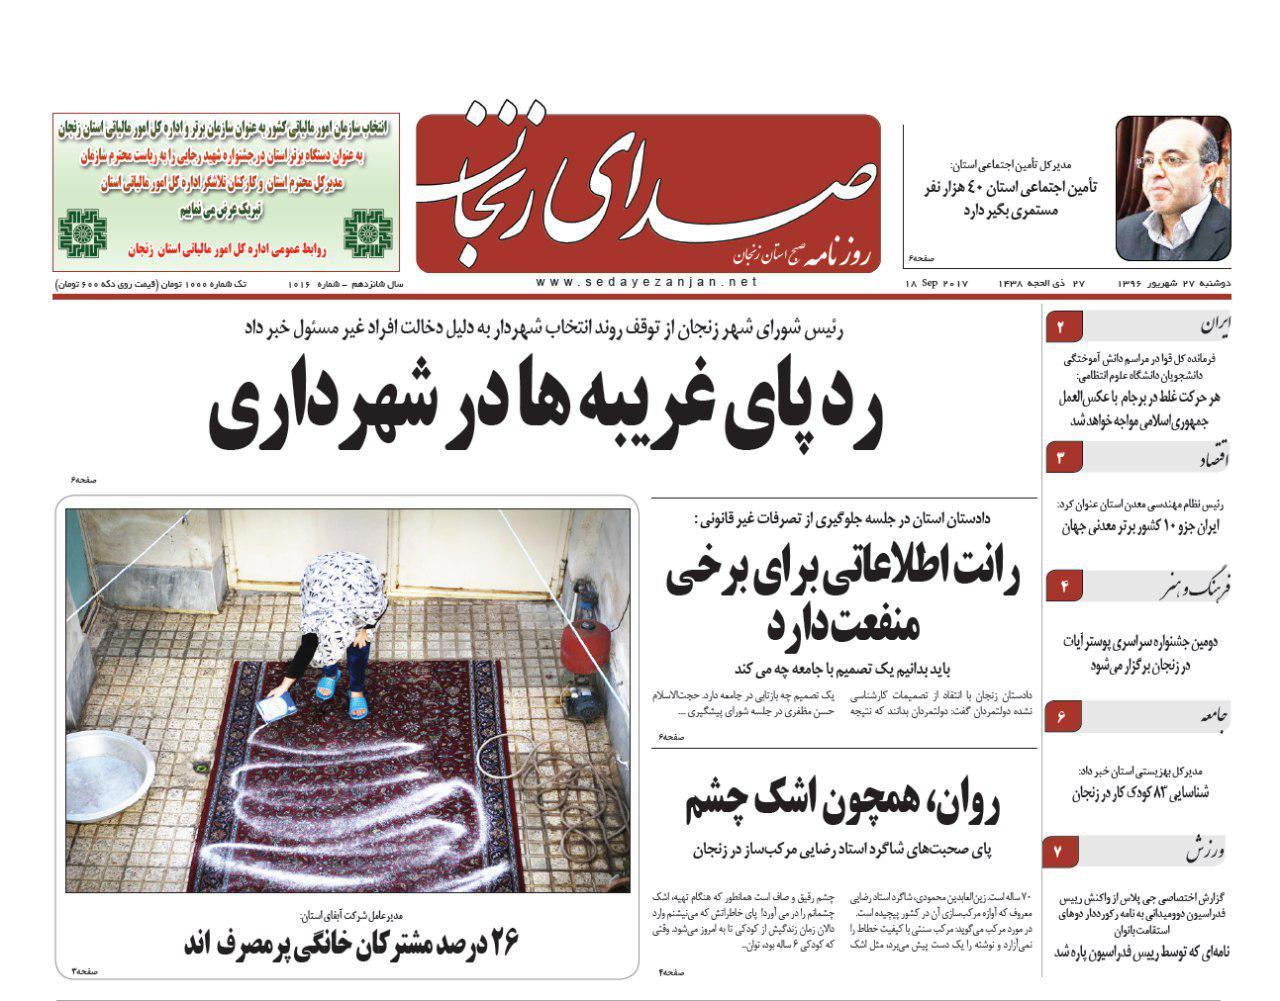 از ردپای غریبه ها در شهرداری زنجان تا دو خطه کردن راه آهن زنجان - قزوین در مسیر پیشرفت